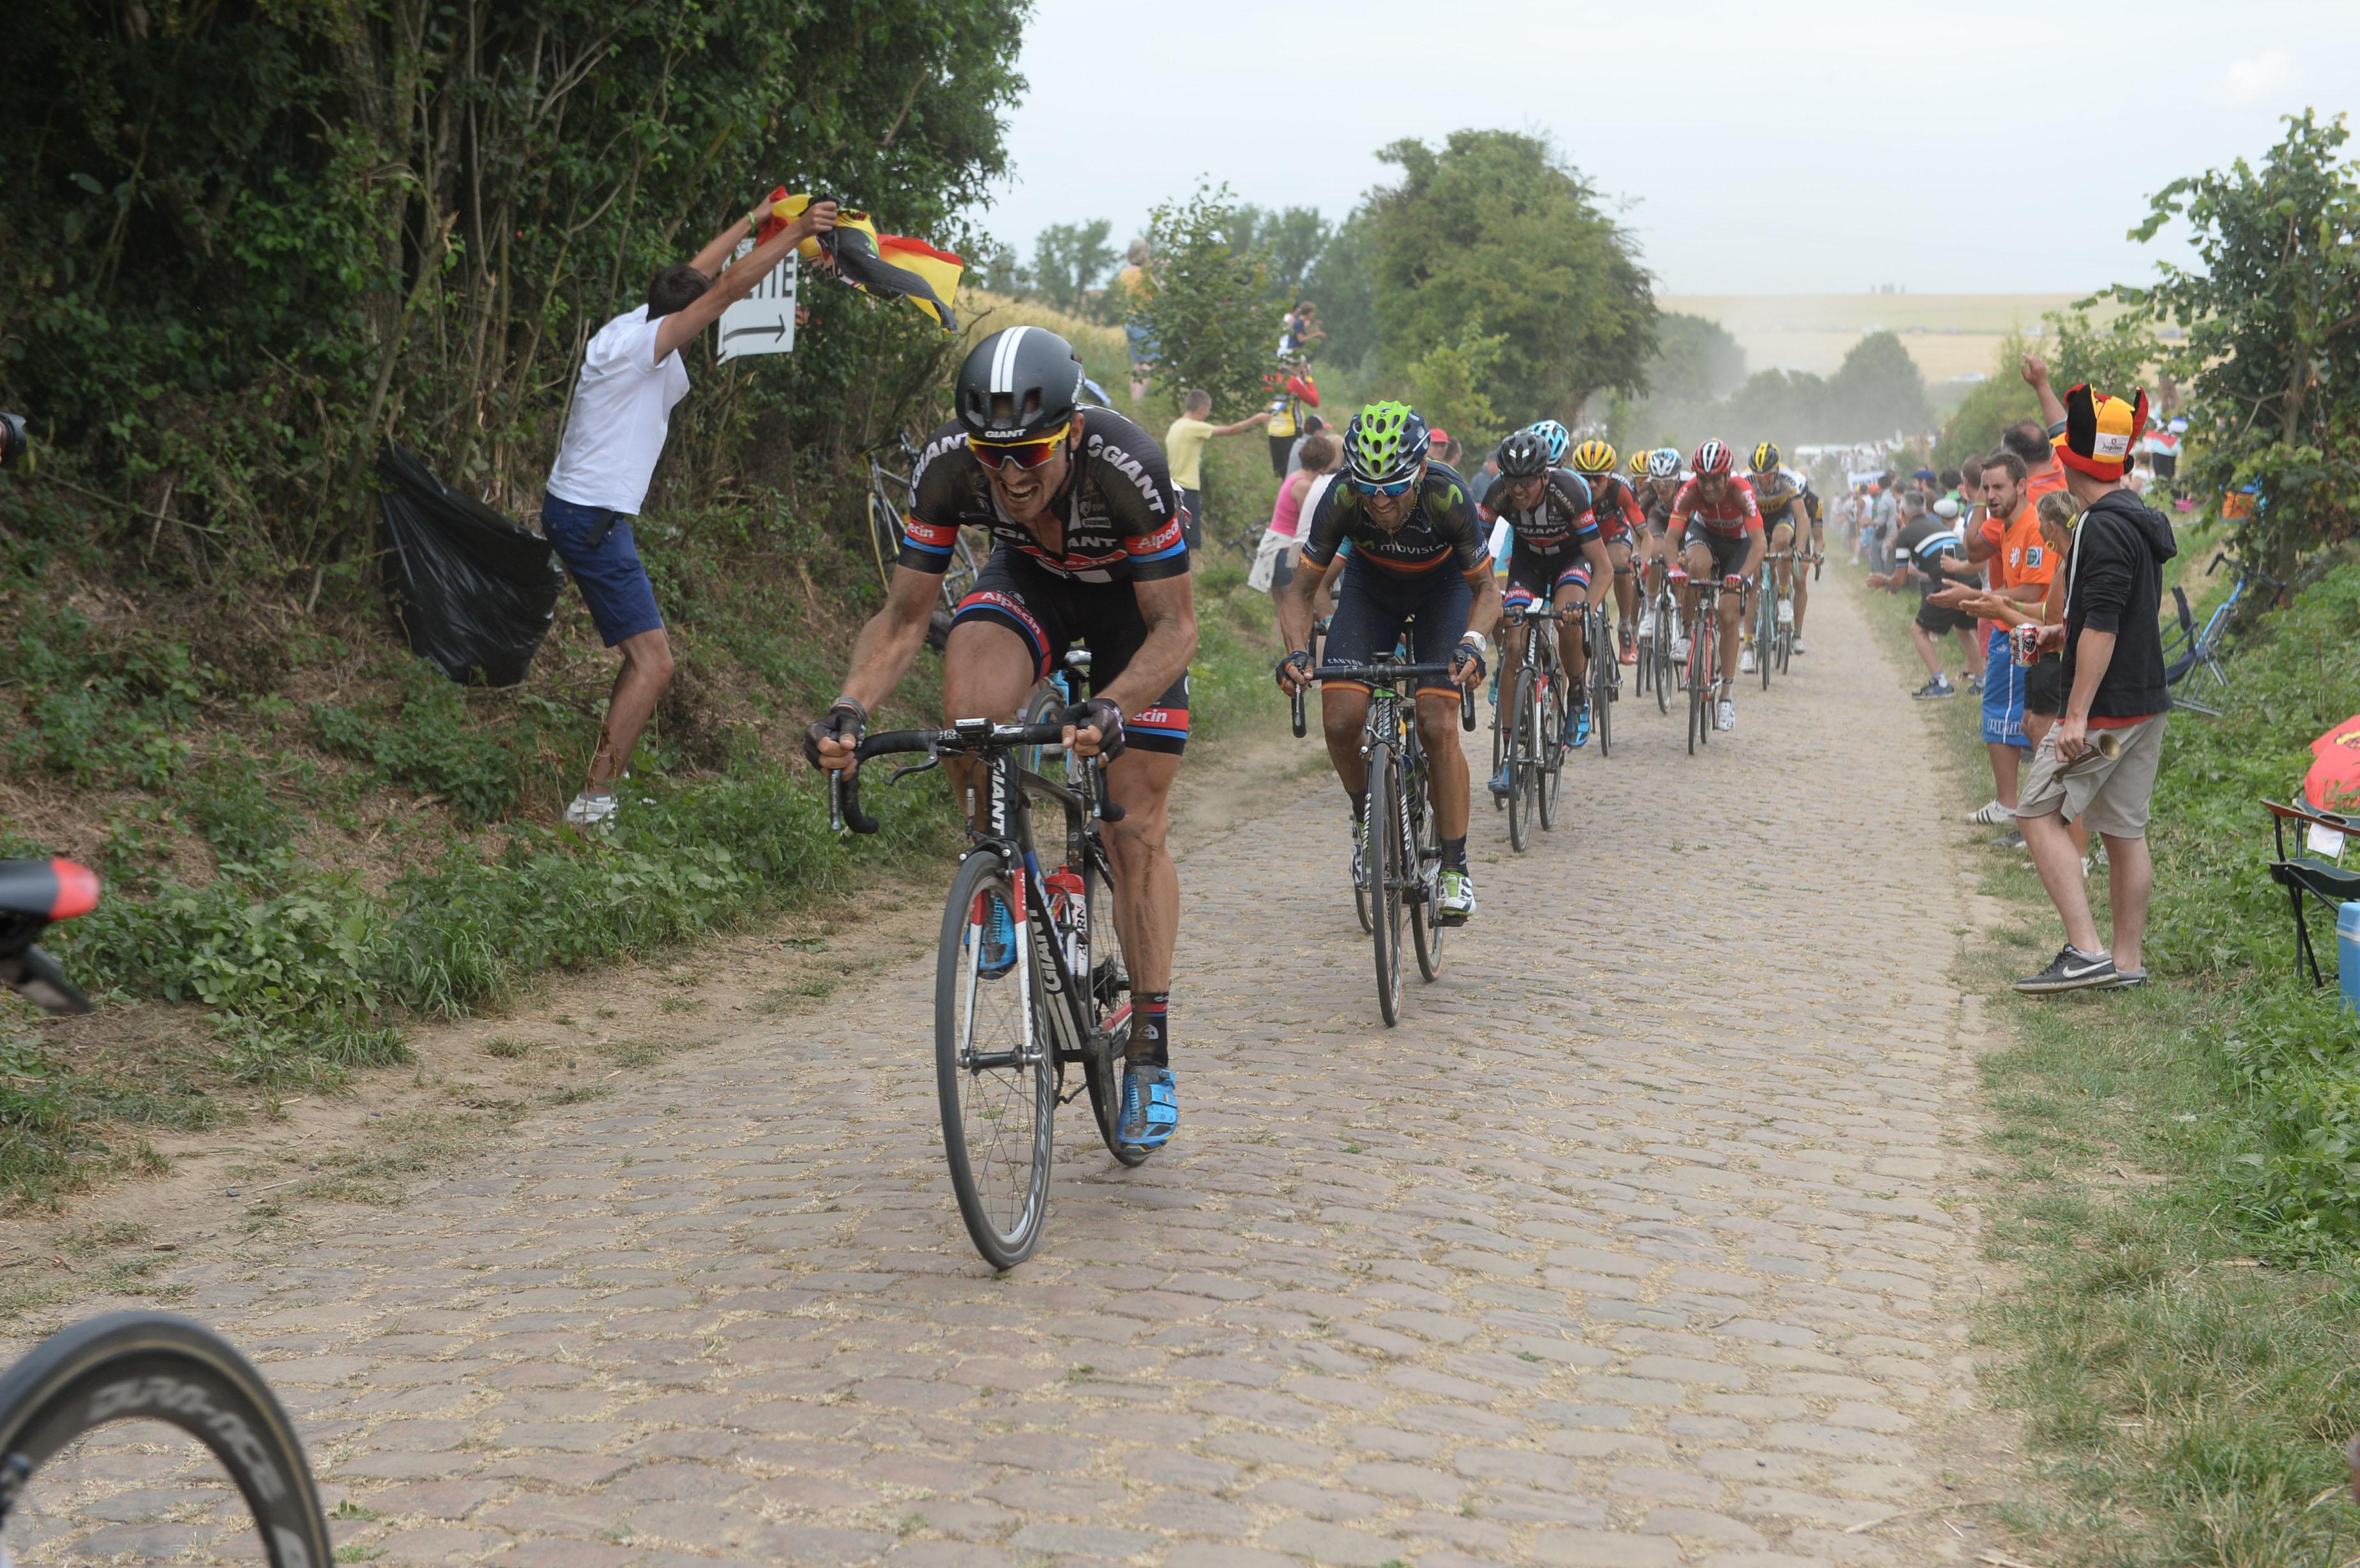 John Degenkolb zeigte eine beeindruckende Leistung bei der 4. Etappe der Tour de France 2015 und fuhr verdient auf den 2. Platz. (pic: Sirotti)